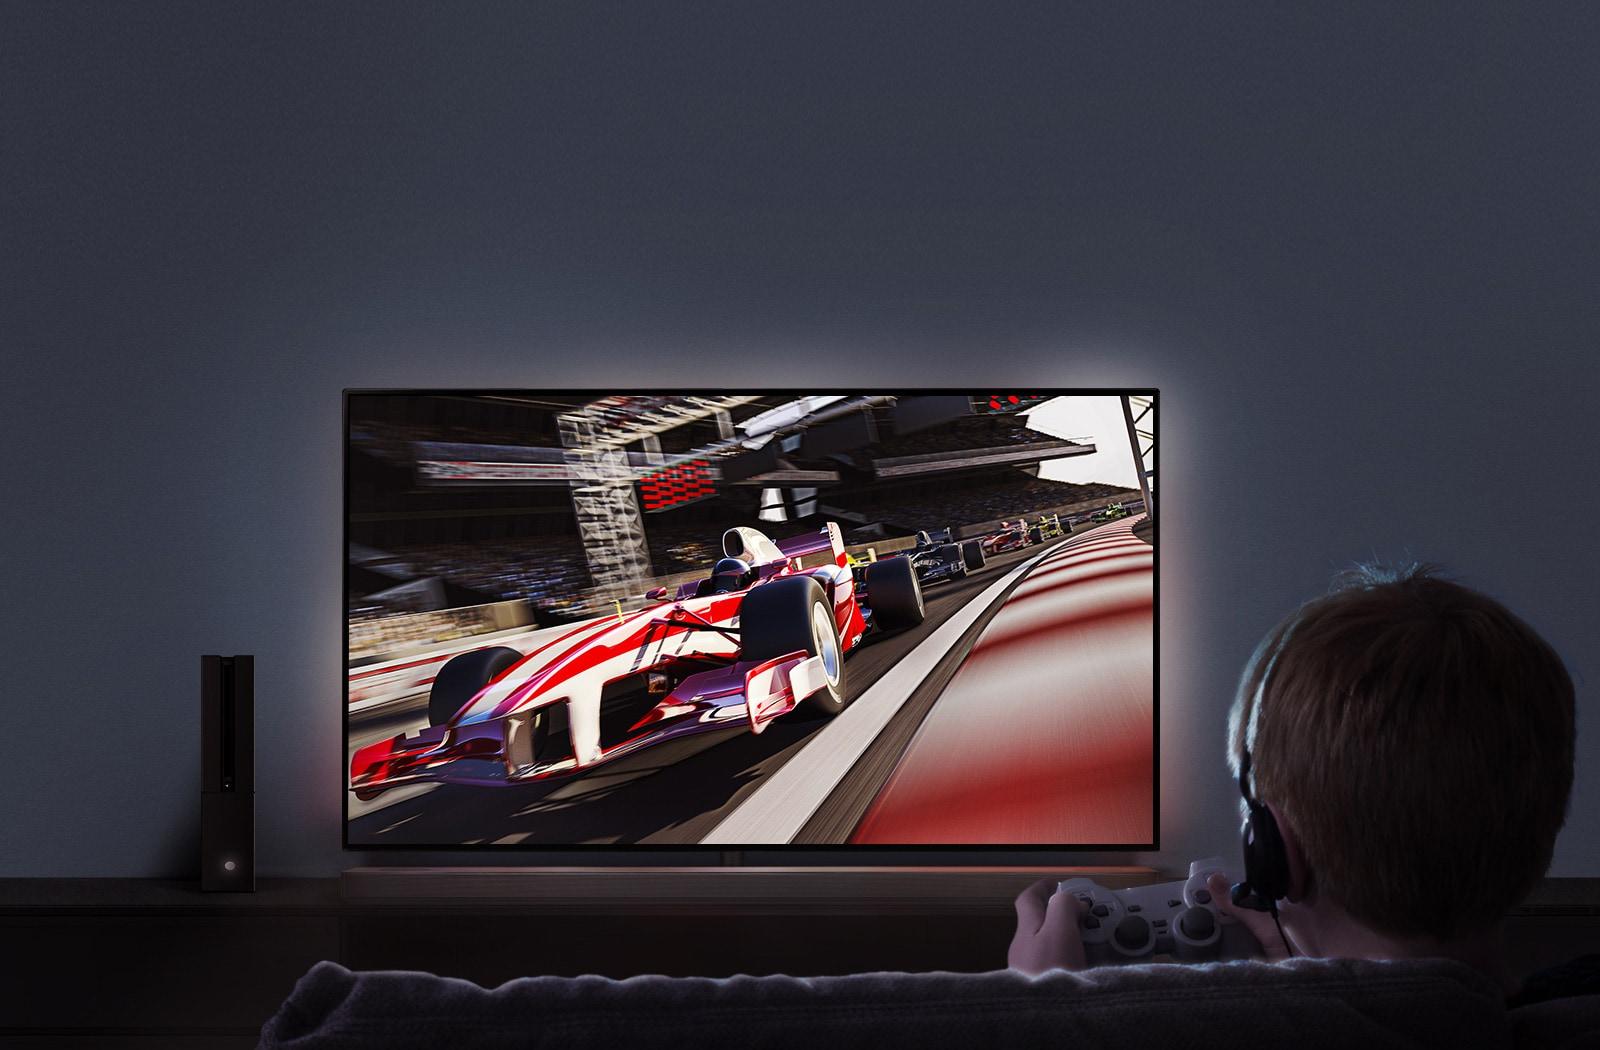 08_SK_AS_Game_TV_desktop2